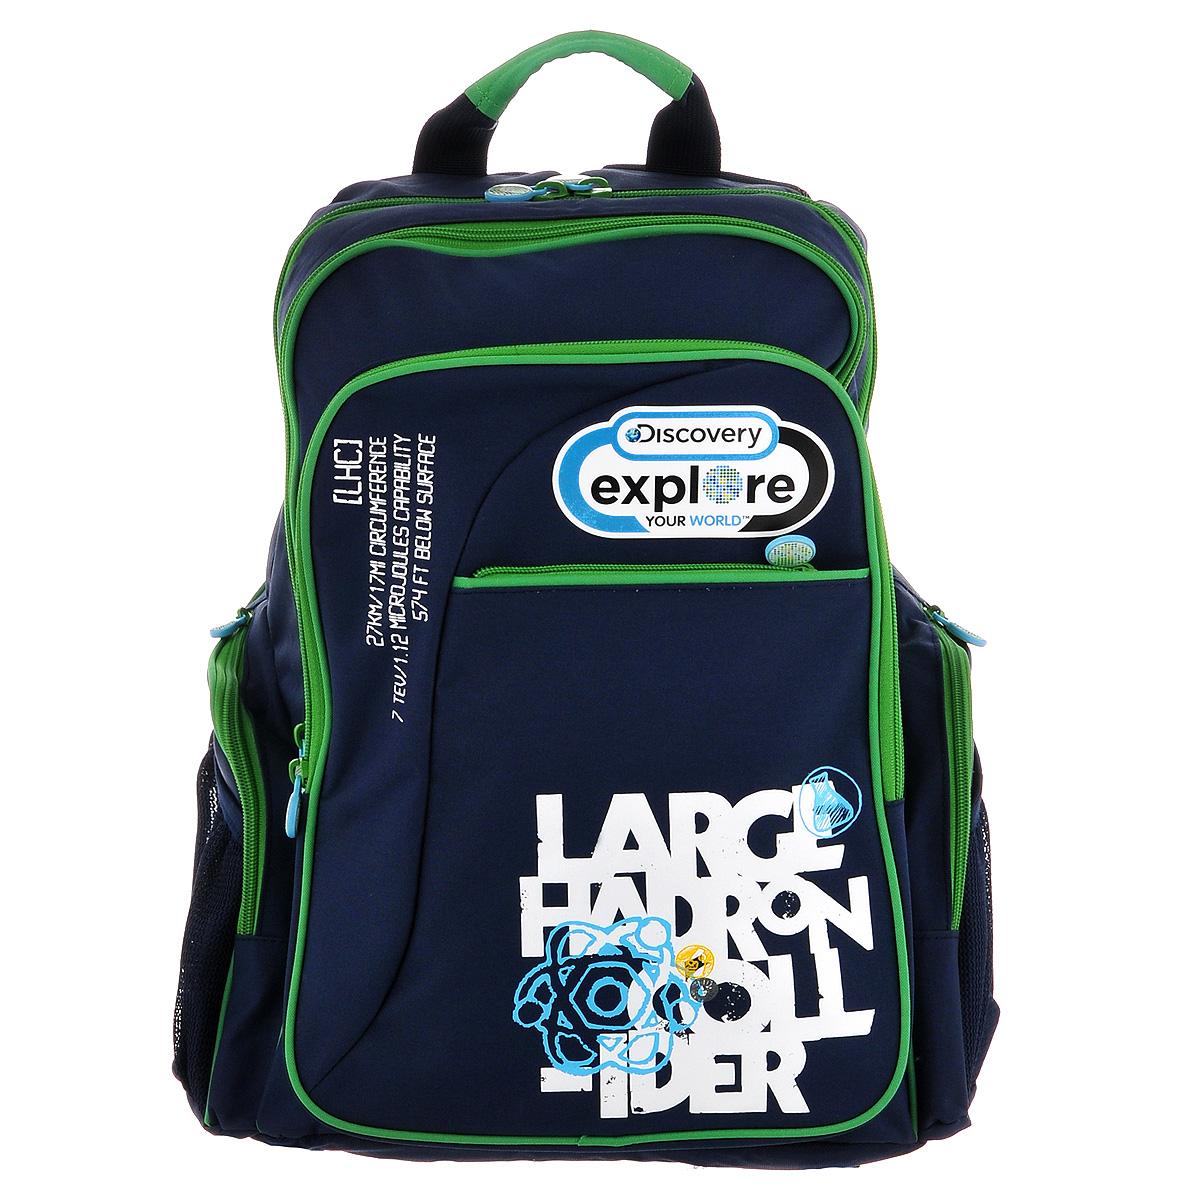 Рюкзак школьный Action! Discovery, цвет: синий, зеленый. DV-AB11055/1/1472523WDШкольный рюкзак Action! Discovery станет надежным спутником в получении знаний.Рюкзак выполнен из прочного полиэстера синего цвета с зеленой отделкой.Рюкзак состоит из двух вместительных отделений, закрывающихся на молнии. Одно из отделений содержит кармашек для мелочей на застежке-молнии и открытый карман с уплотненной стенкой на хлястике с липучкой. Во втором отделении расположен большой открытый карман-сетка.На лицевой стороне имеются два кармана на молнии - врезной и накладной. В накладном расположены два открытых кармашка и три фиксатора для пишущих принадлежностей. По бокам рюкзака находятся два внешних накладных кармана, закрывающихся на молнии и по два открытых сетчатых кармашка. Рюкзак оснащен широкими мягкими лямками, регулируемыми по длине, которые равномерно распределяют нагрузку на плечевой пояс, и двумя удобными текстильными ручками для переноски в руке.Рюкзак снабжен светоотражающими вставками.